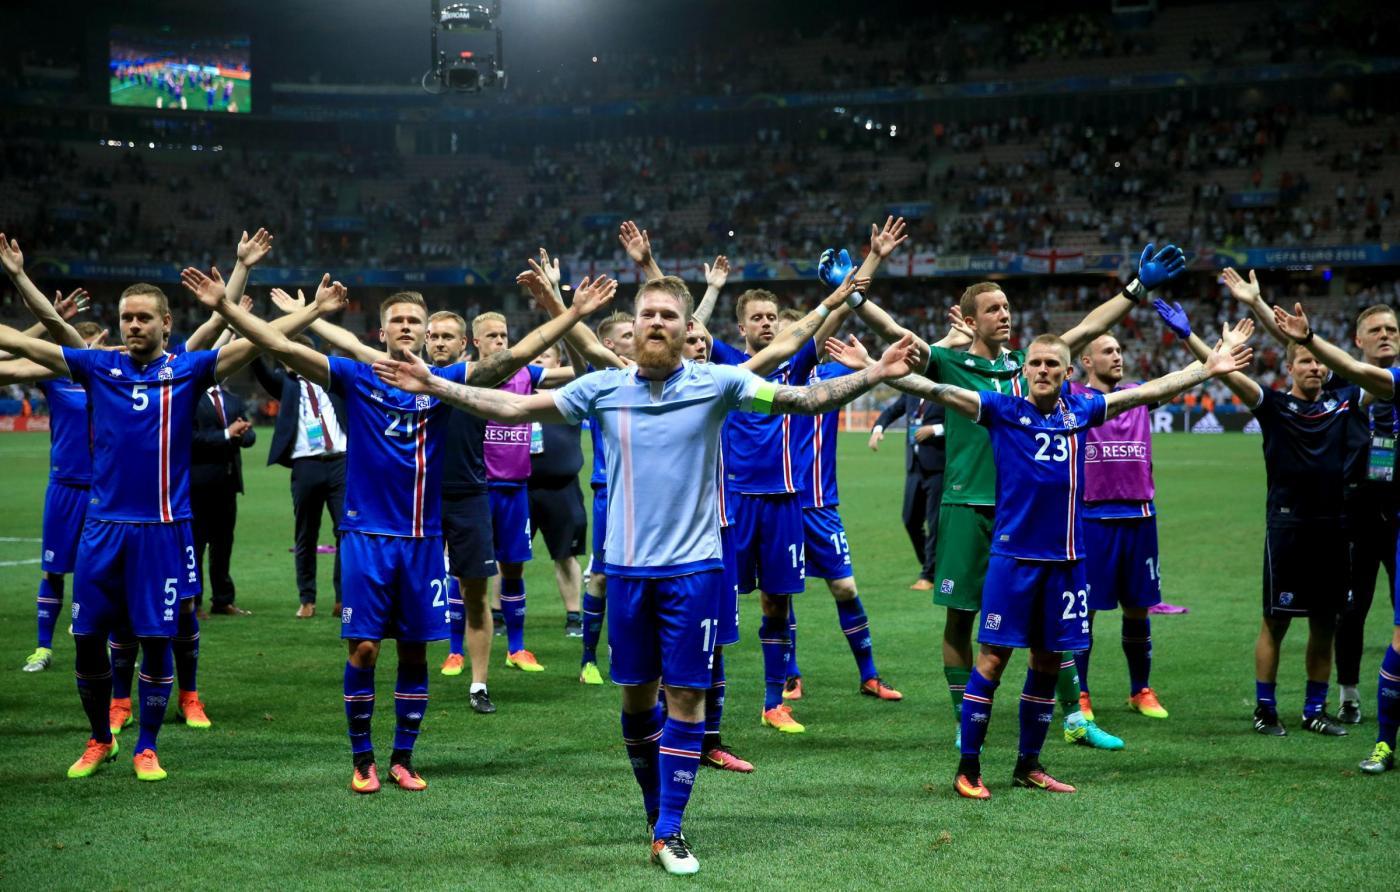 Estonia-Islanda 15 gennaio: gli scandinavi sono favoriti in questa amichevole. Estoni più deboli ma reduci dal successo sulla Finlandia